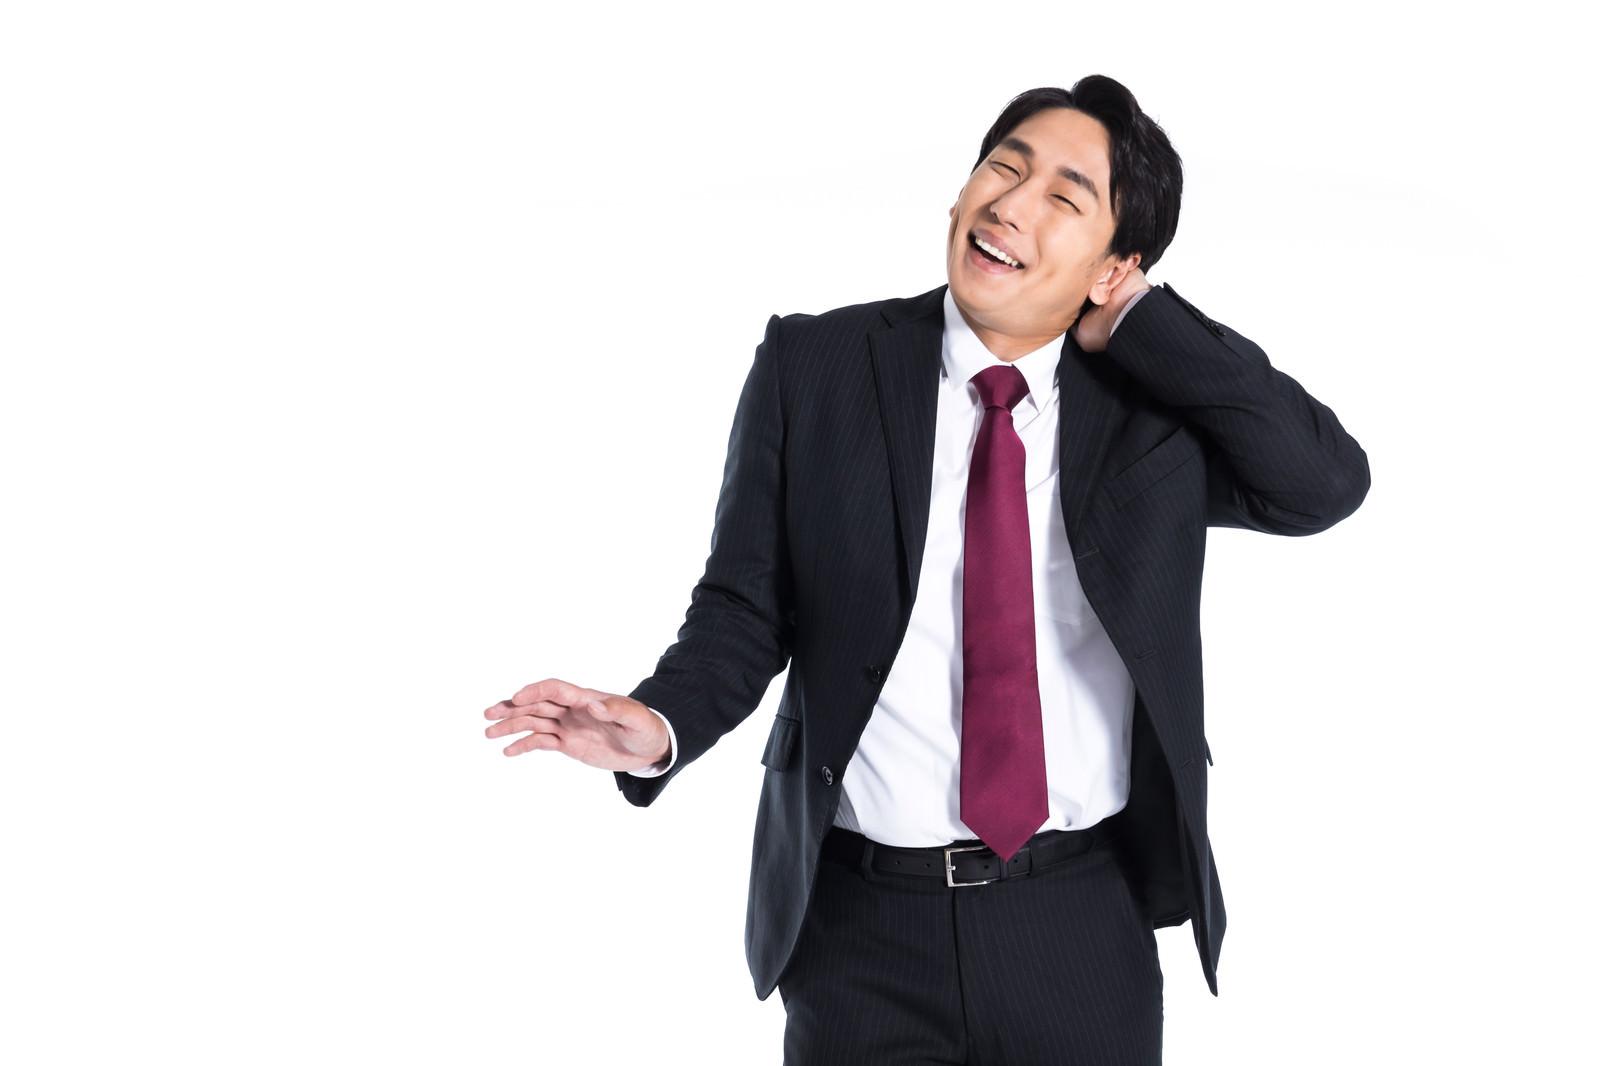 「わざとらしく手を首に当てご機嫌をとる平社員」の写真[モデル:大川竜弥]